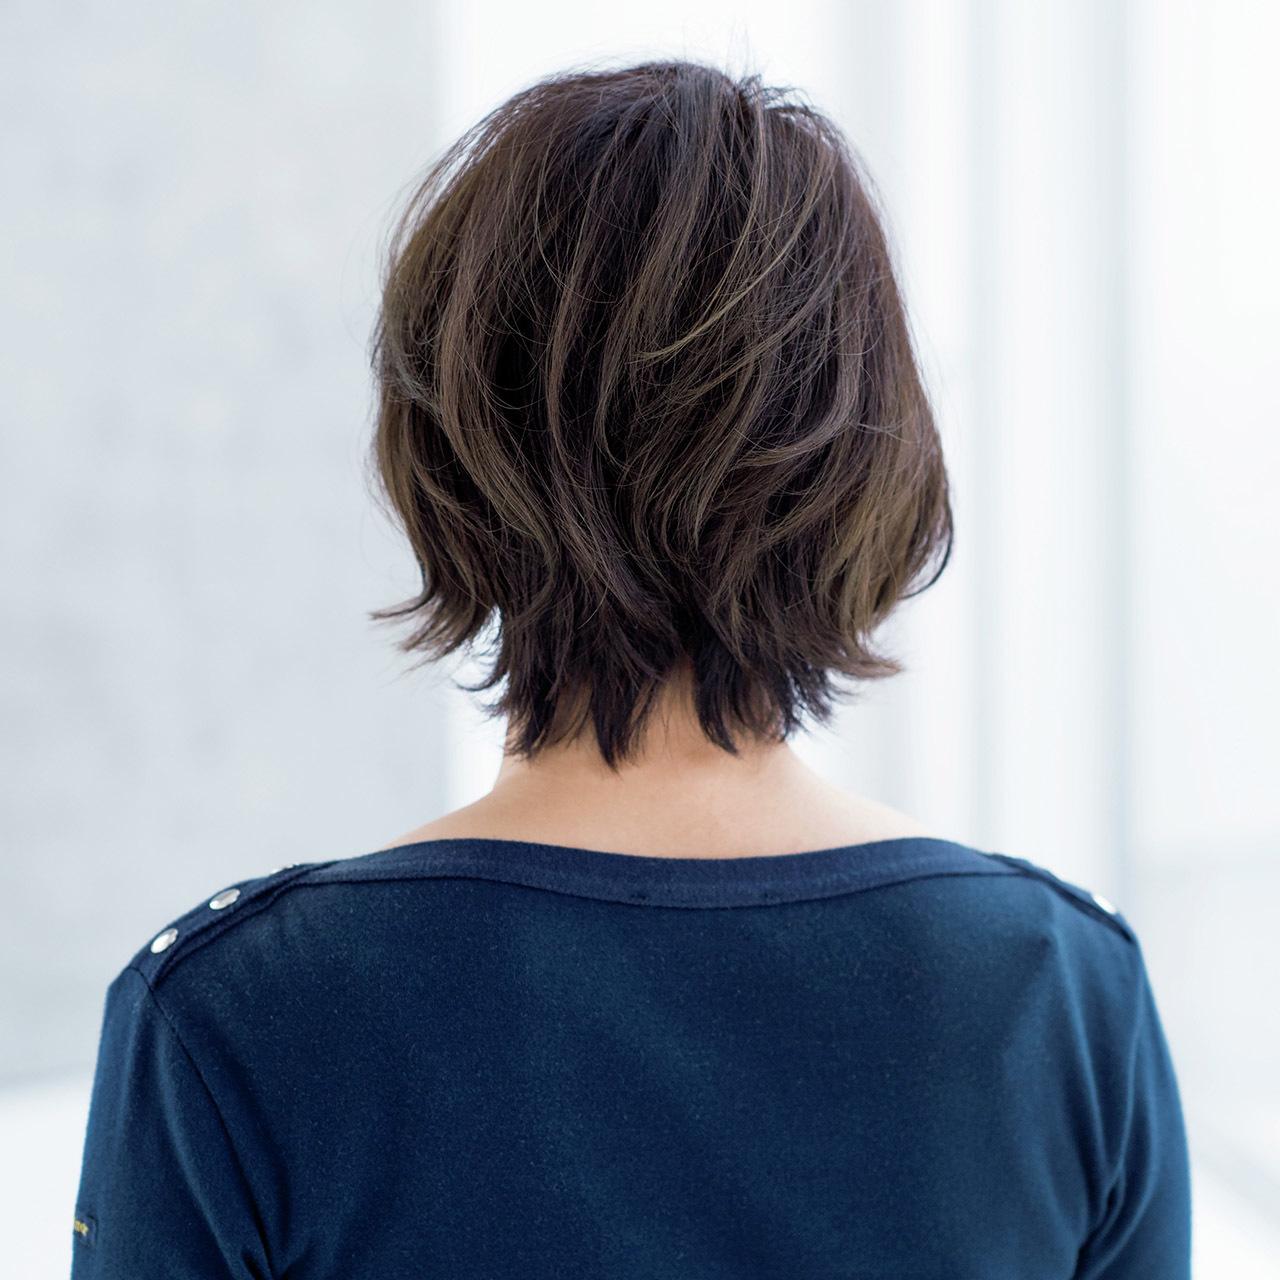 富岡佳子&ブレンダも登場! 大人のための2019年春ヘアスタイル -ショート&ロング- 五選_3_1-3